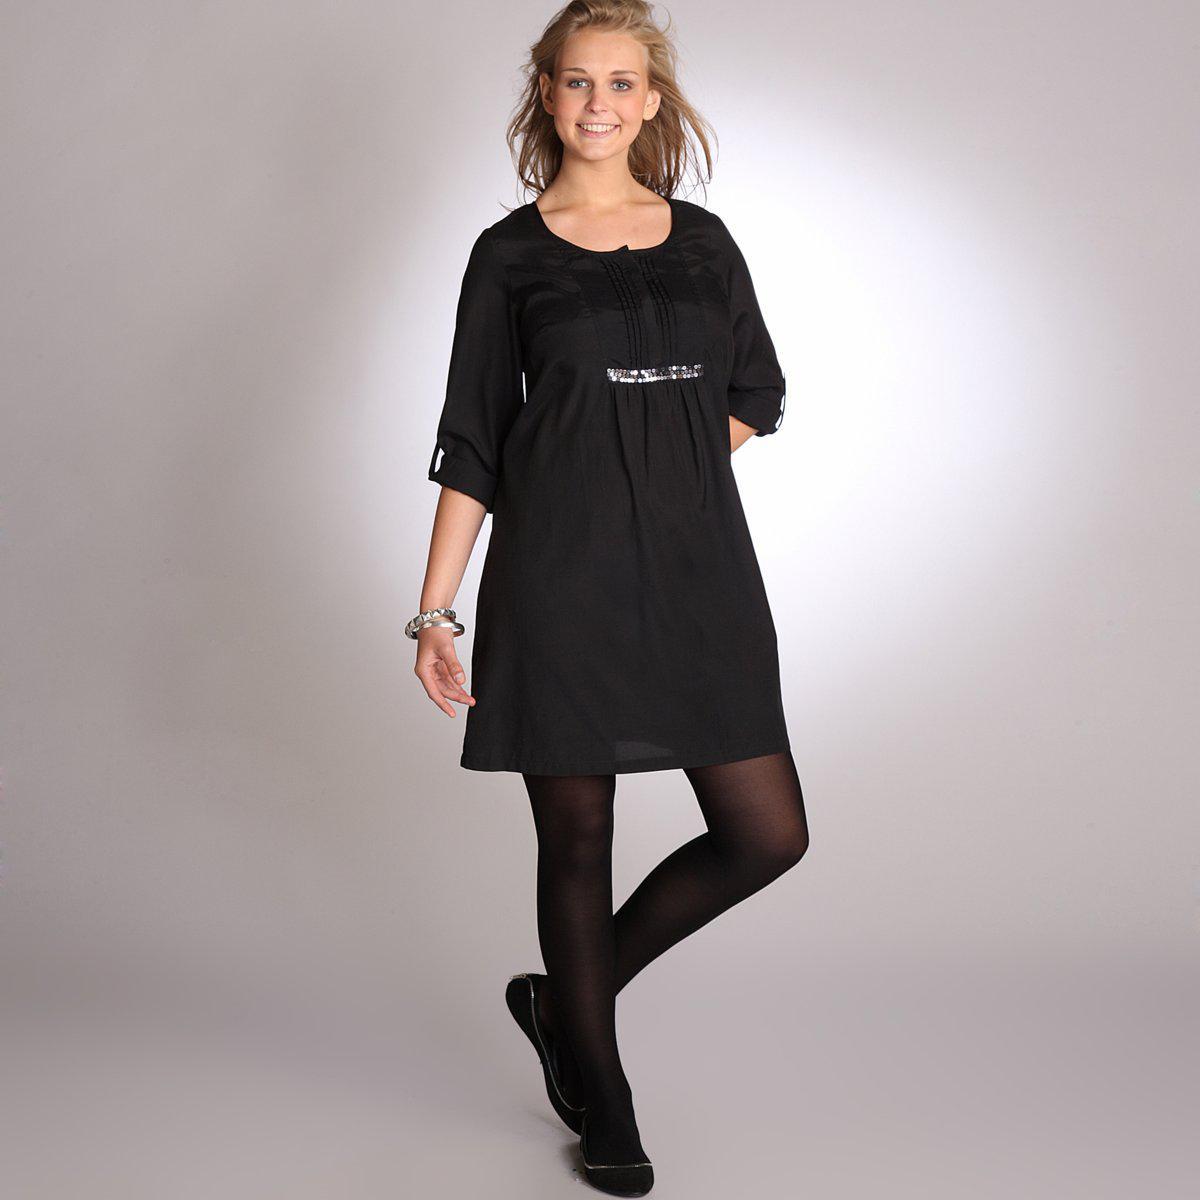 be5dc2d8af36 Βραδυνα Φορεματα LaRedoute Φθινόπωρο 2011 Κωδ. 324181203